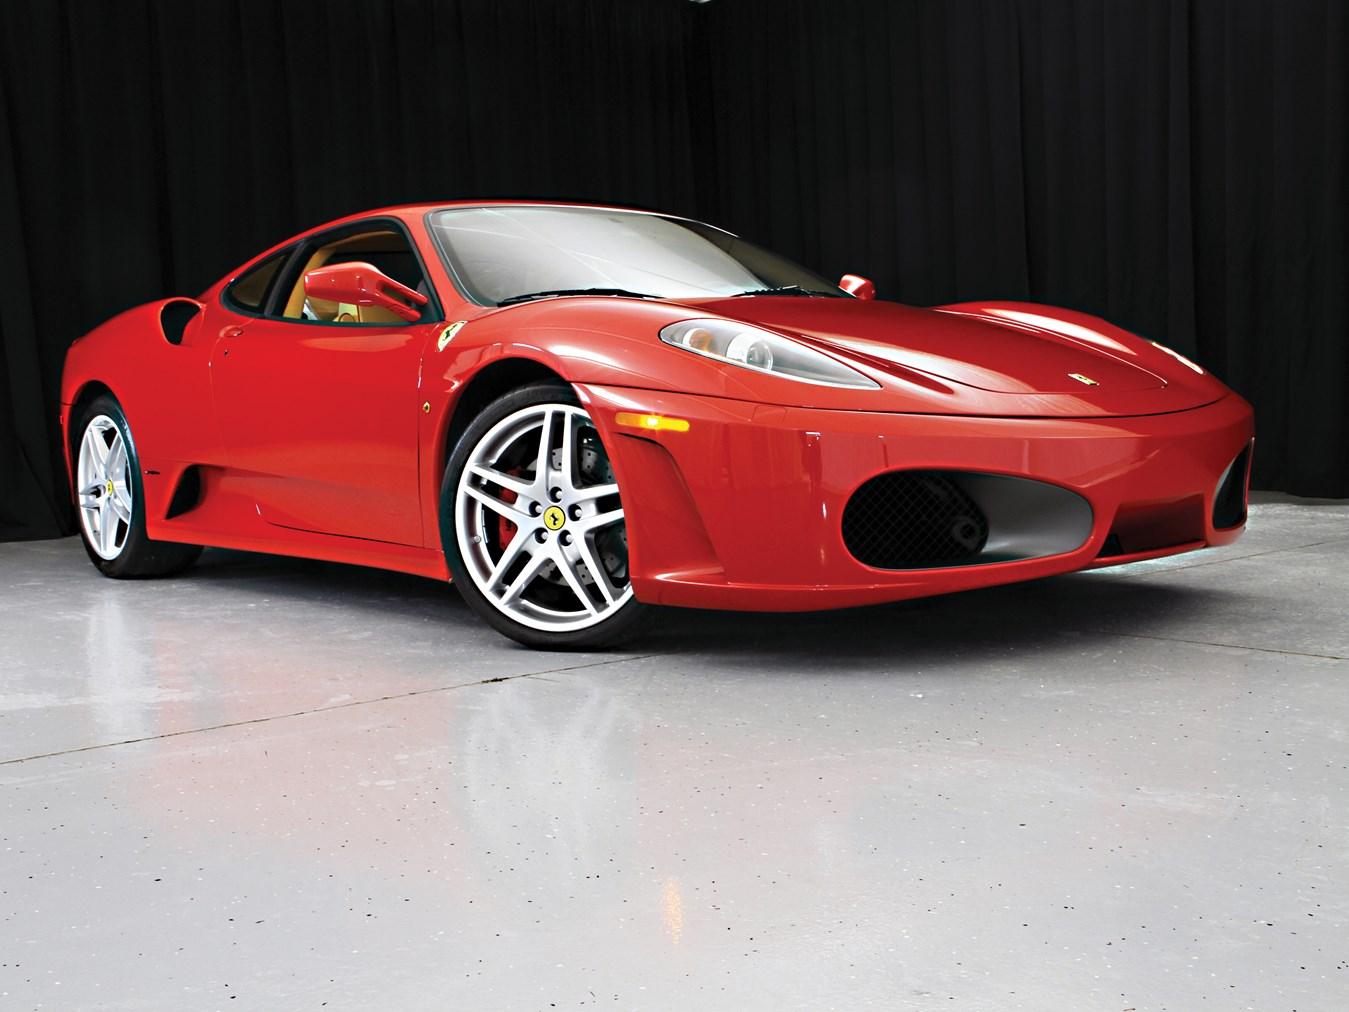 2006 Ferrari F430 coupe red